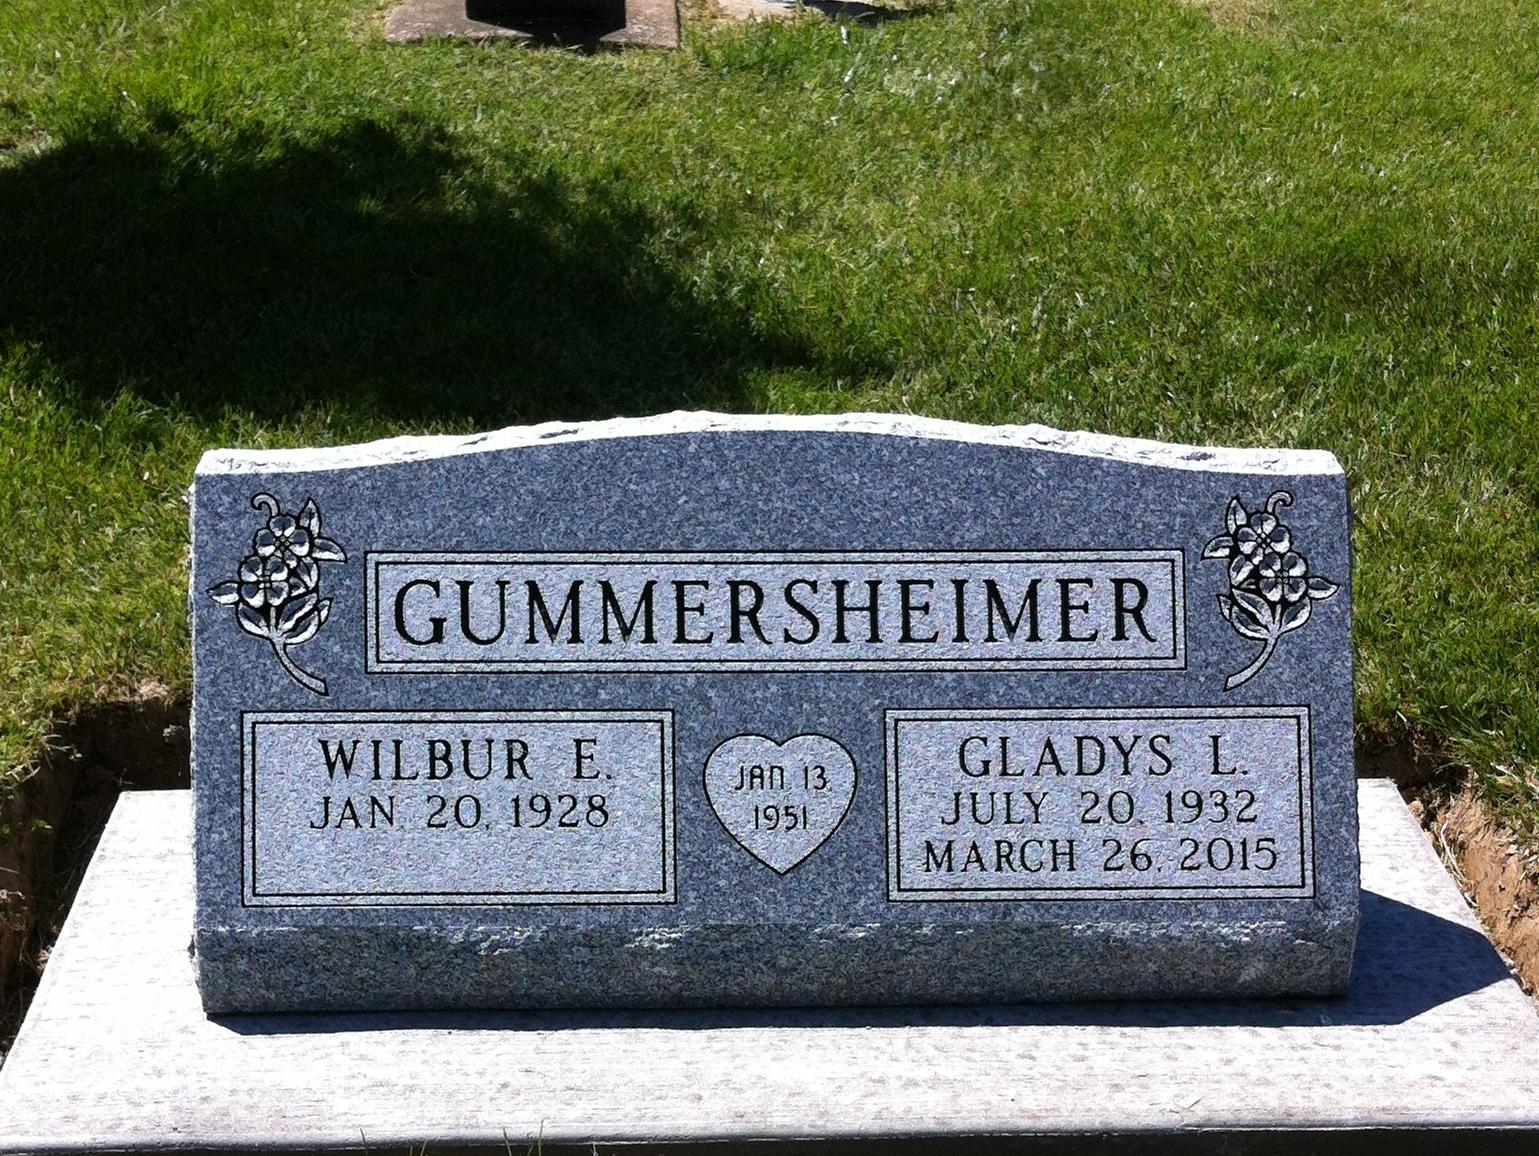 Gummersheimer